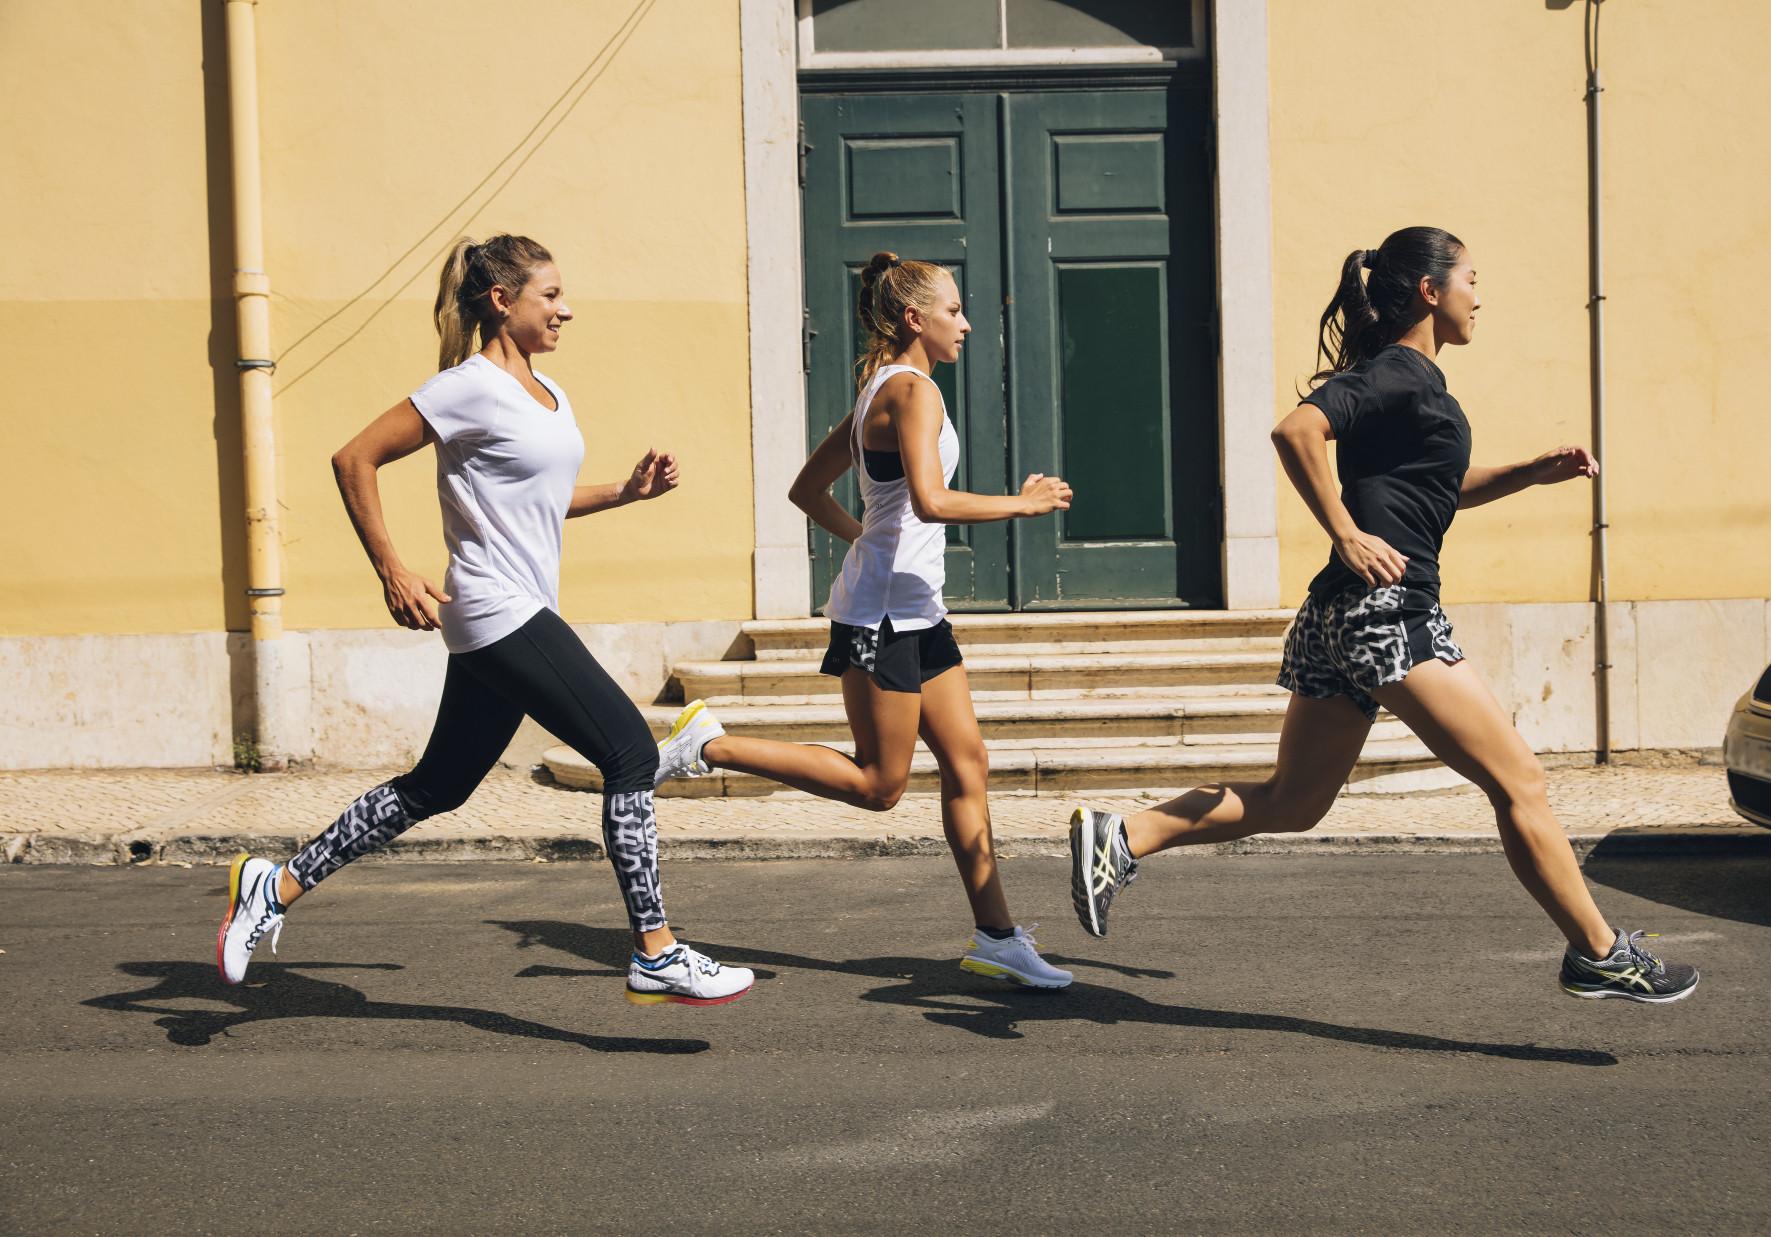 ASICS: Moda desportiva com muito estilo para o Dia da Mãe